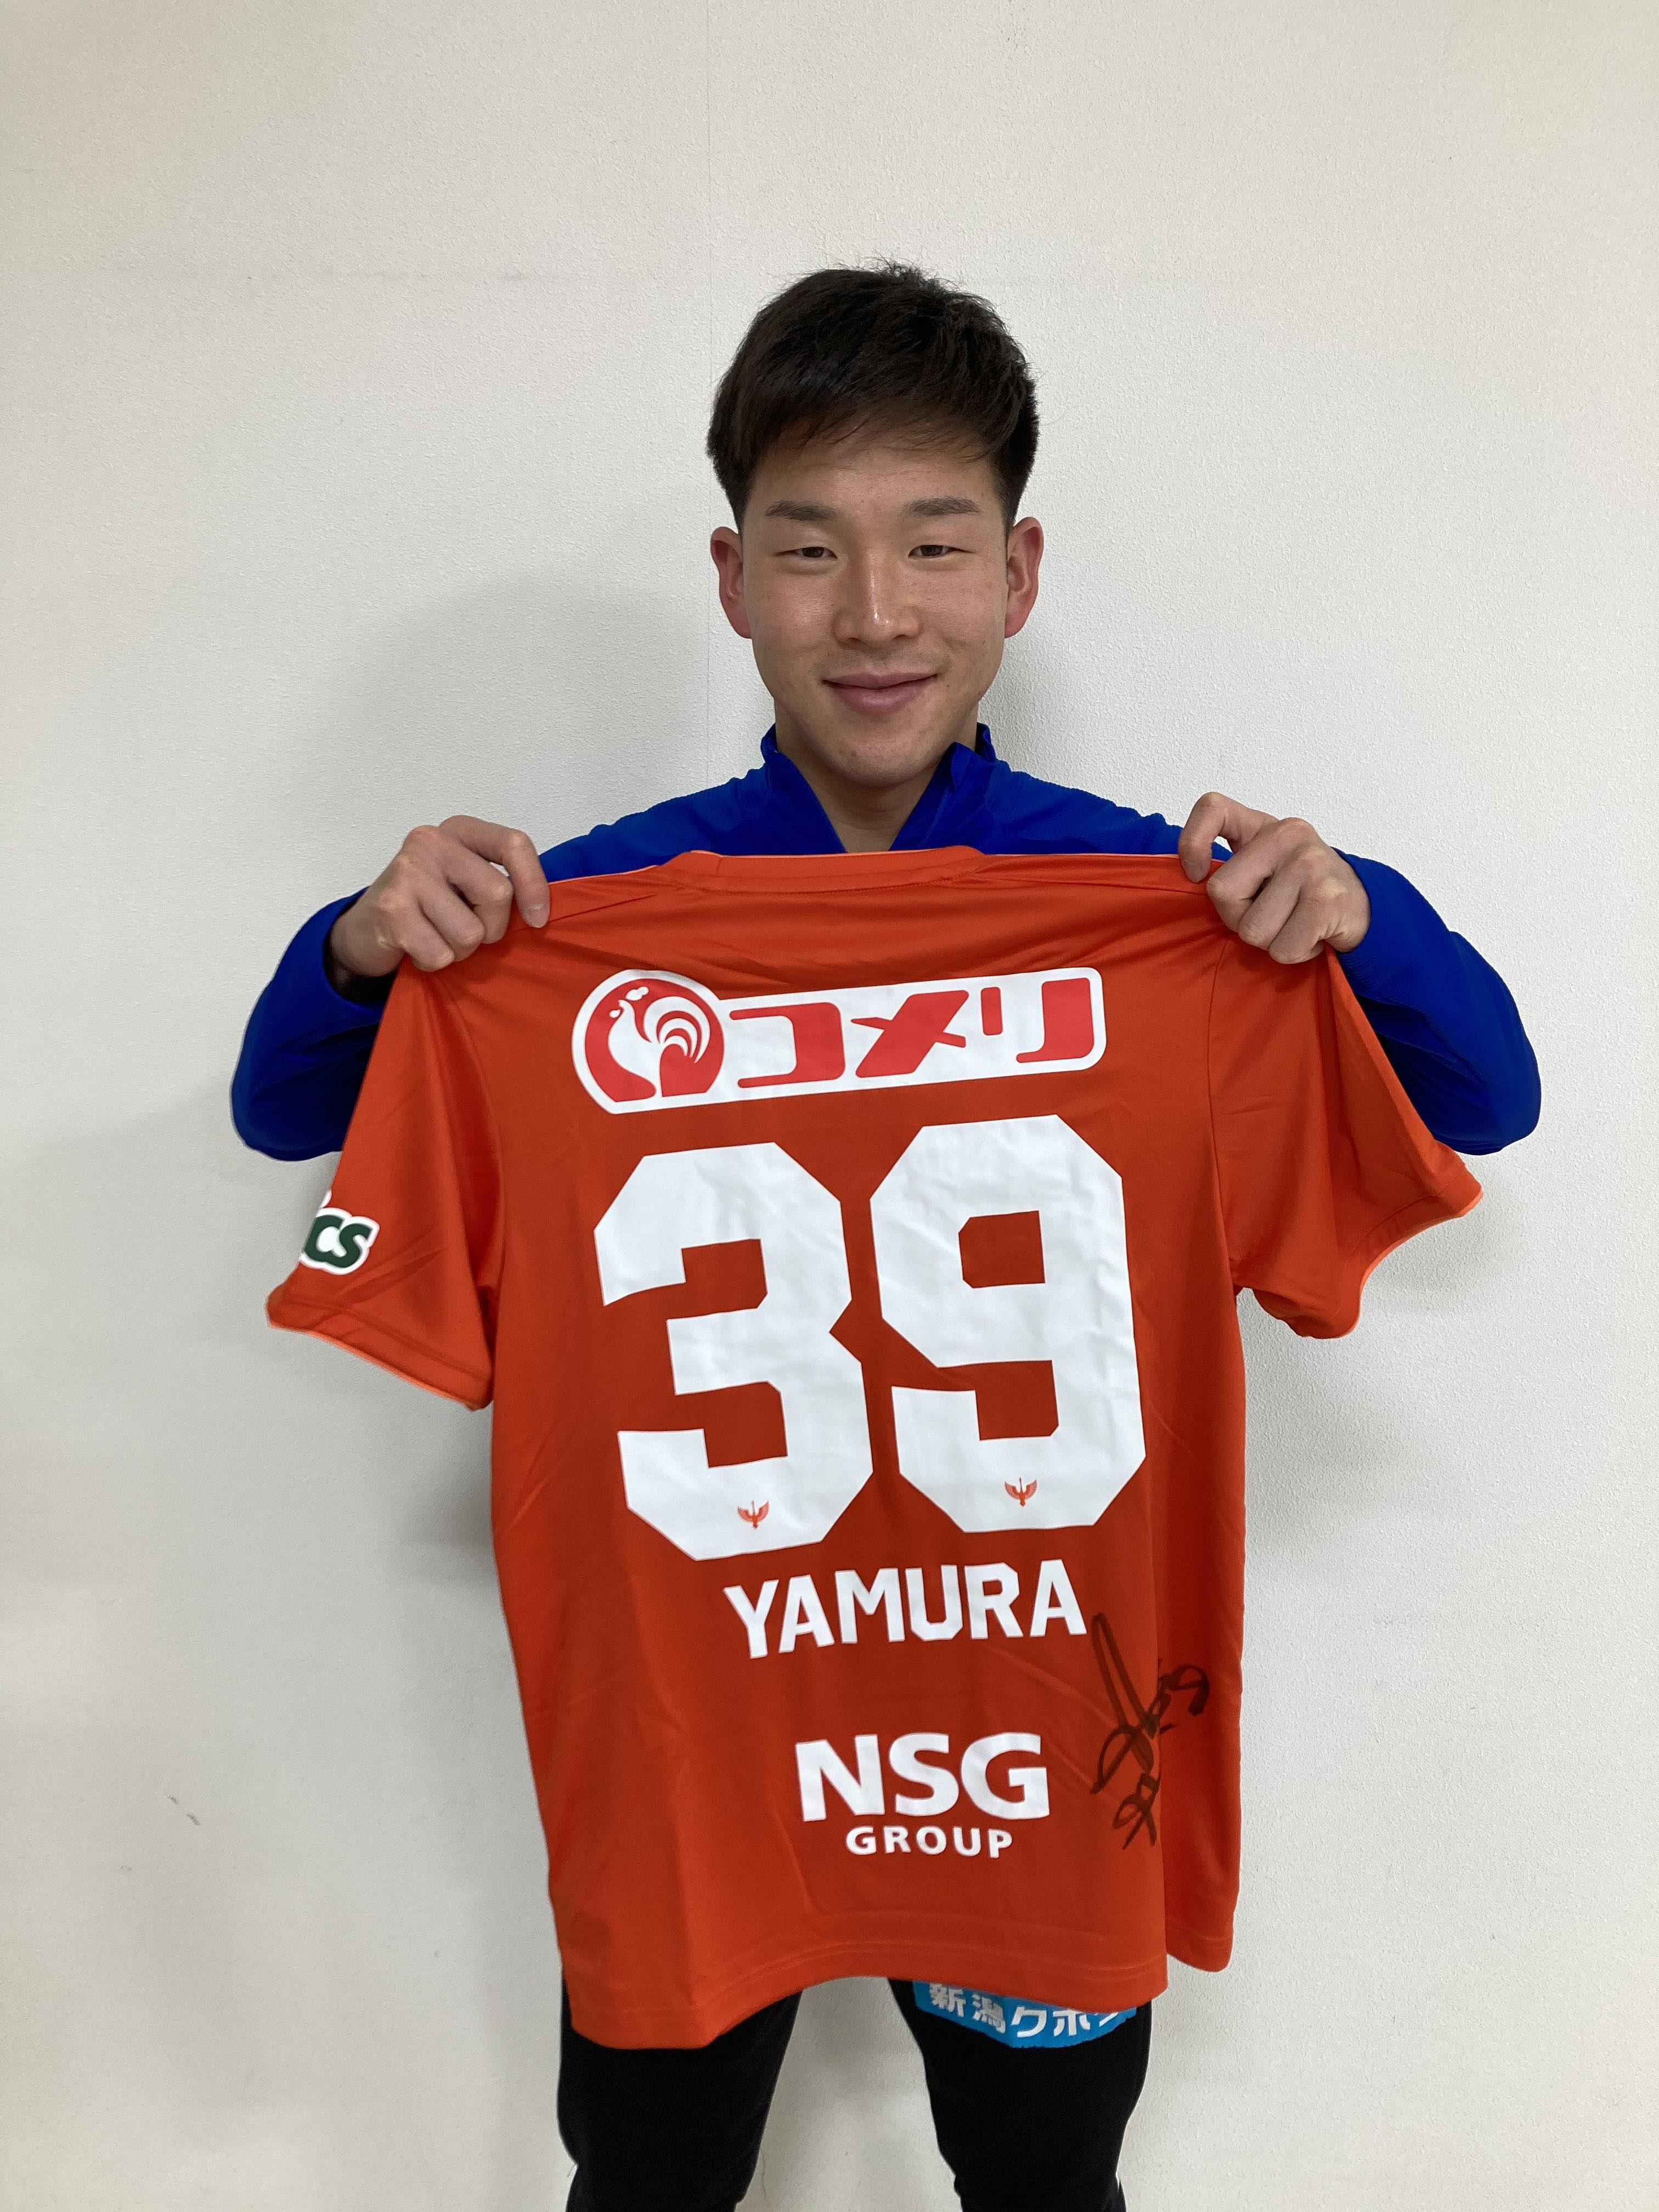 【公式】実使用・本人直筆サイン入「2020シーズン1stユニフォーム」矢村 健